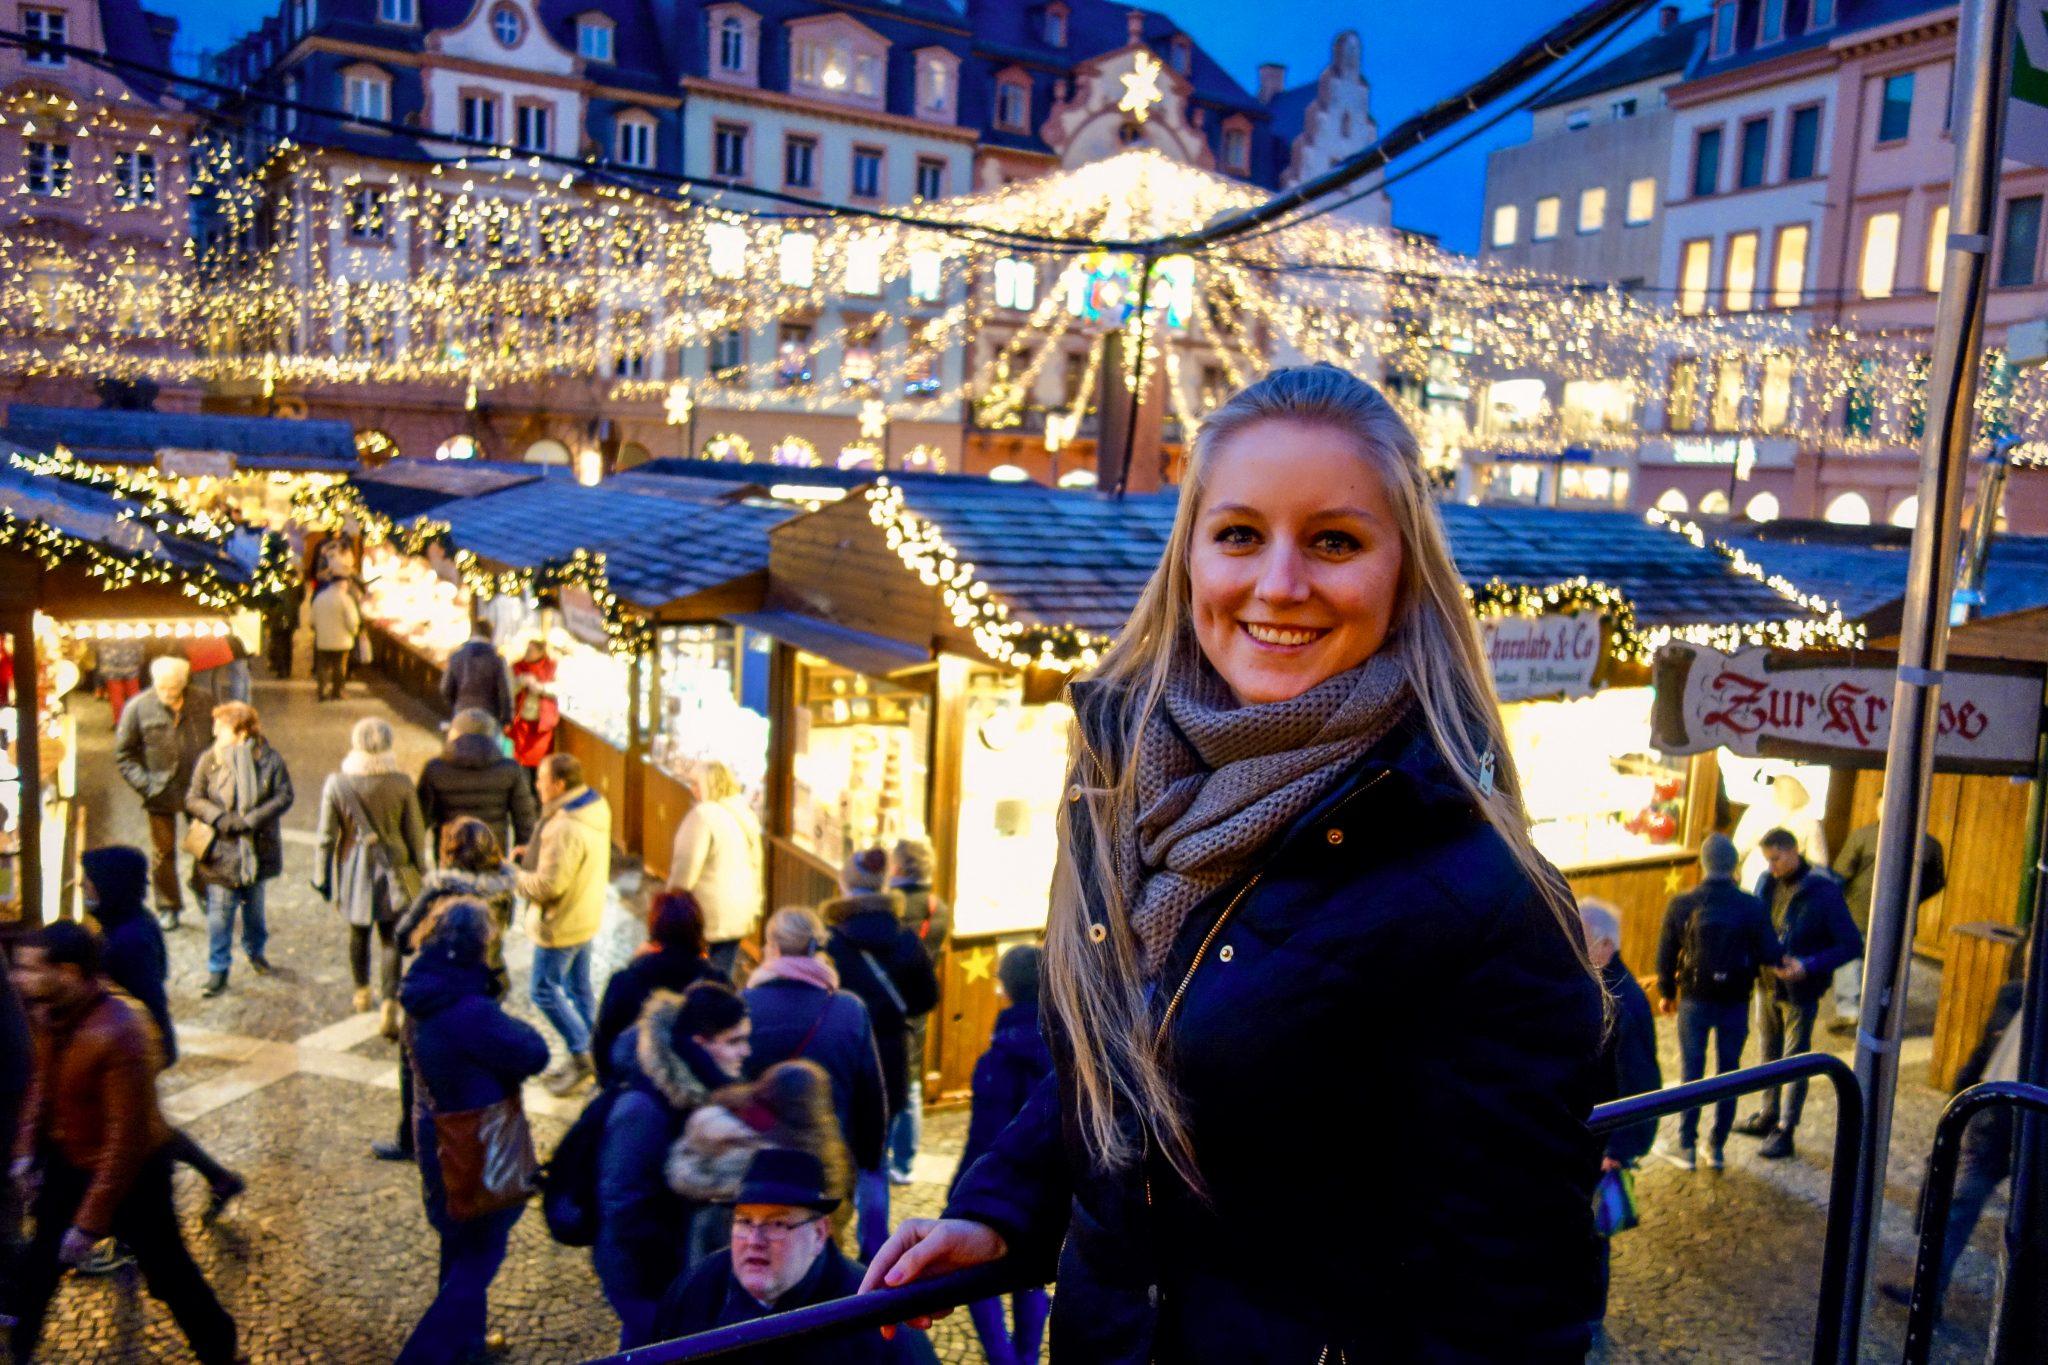 Das Lichtermeer auf dem Mainzer Weihnachtsmarkt fasziniert mich jedes Mal wieder.